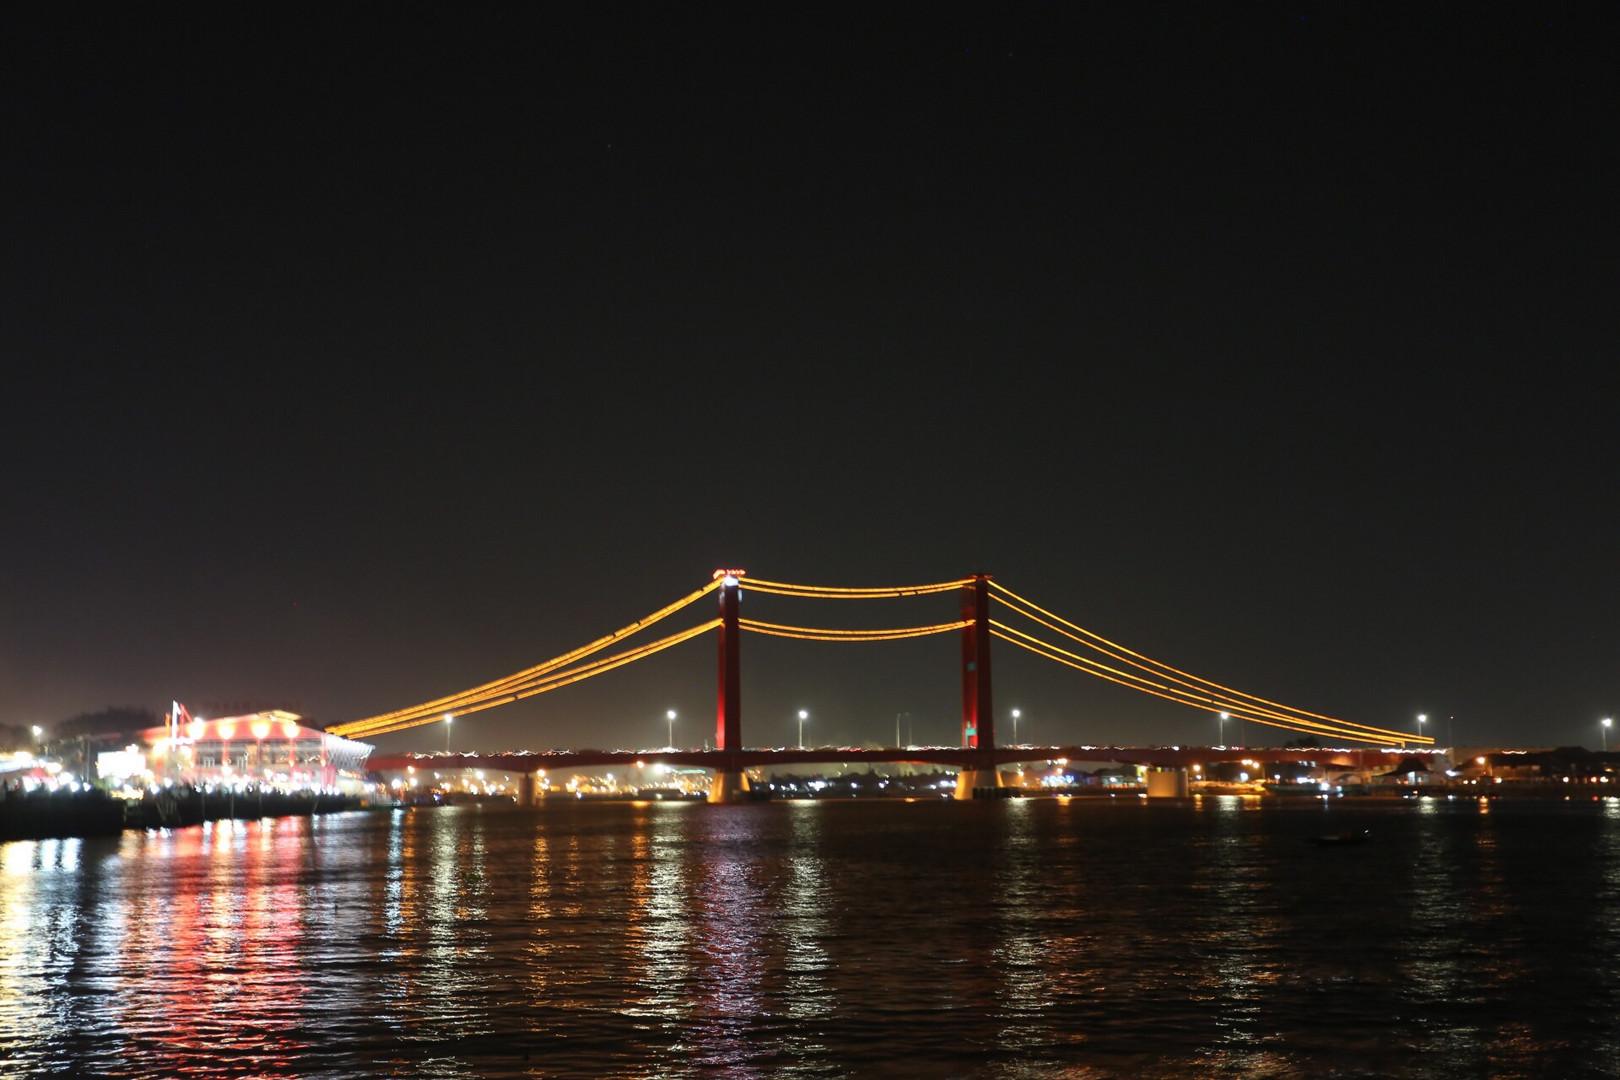 The Light og the Bridge